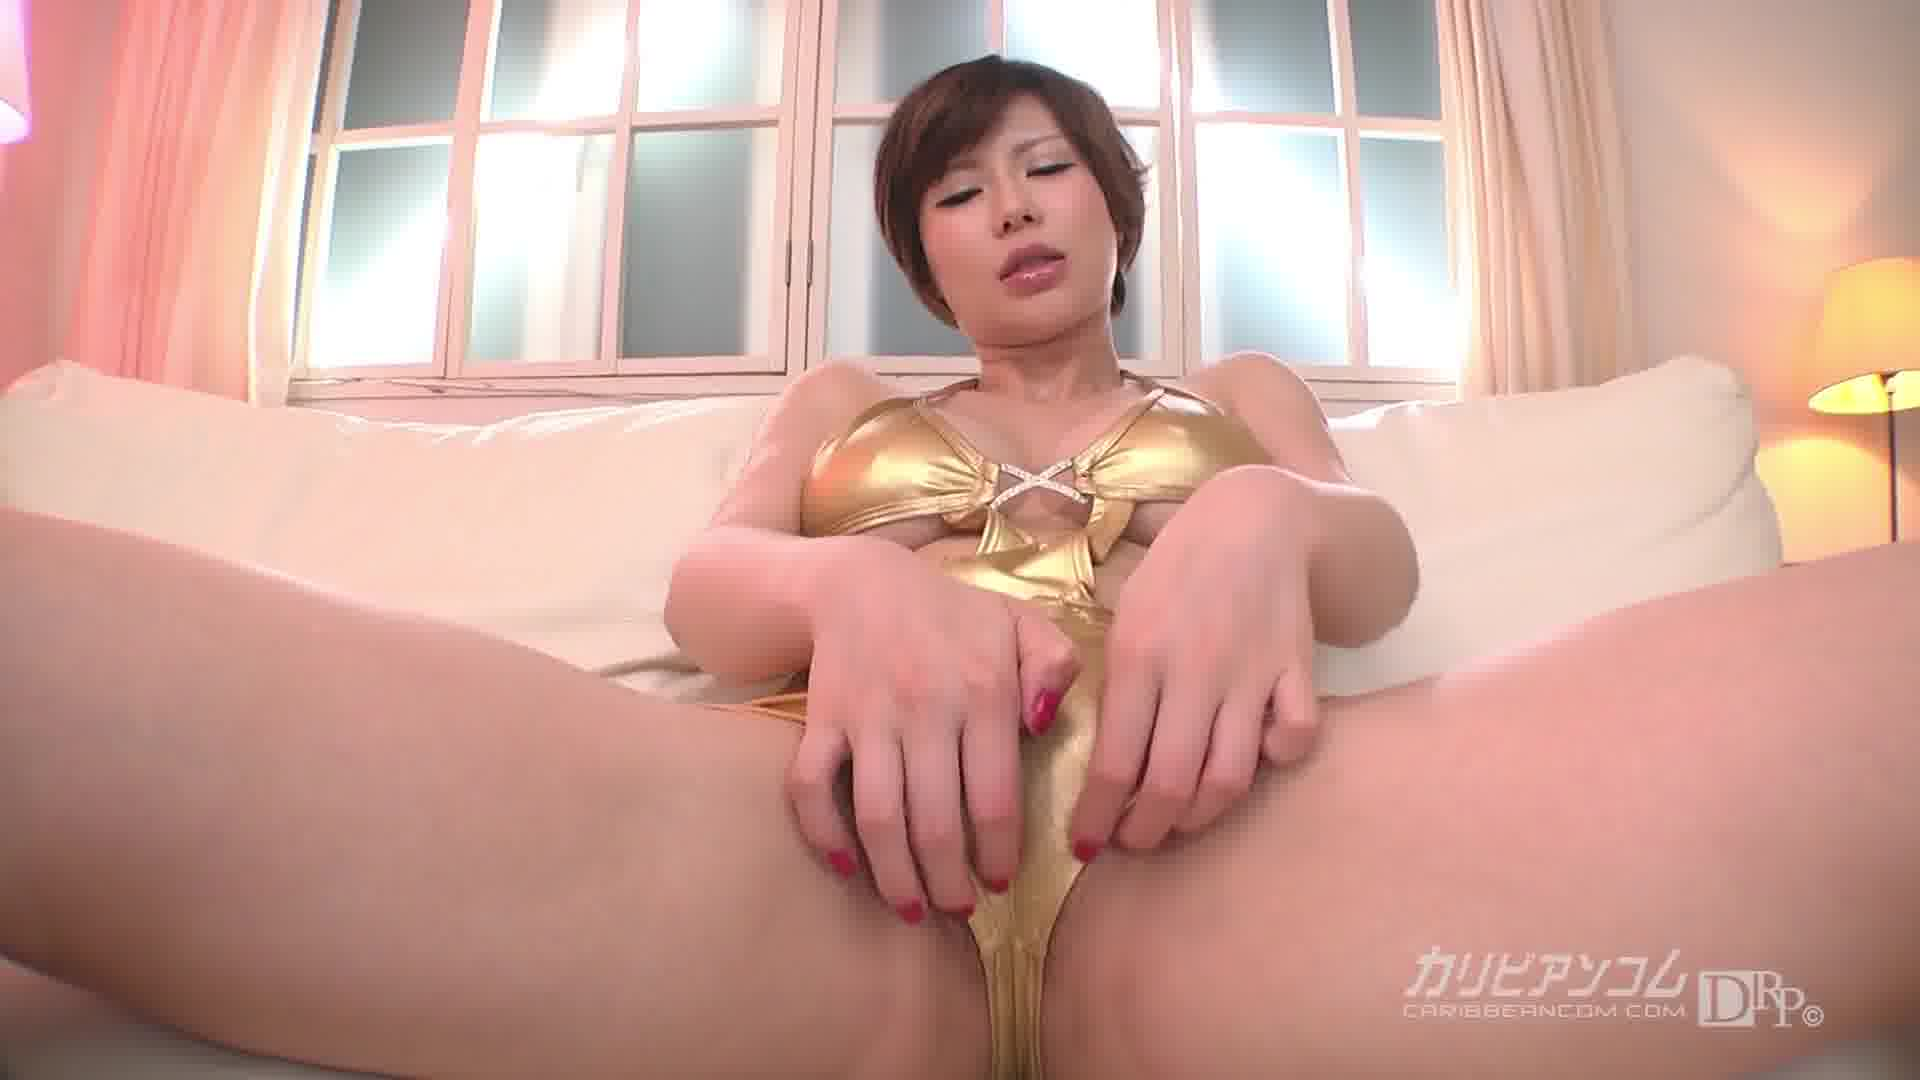 パーフェクトボディ 9 - あやなれい【痴女・巨乳・水着】